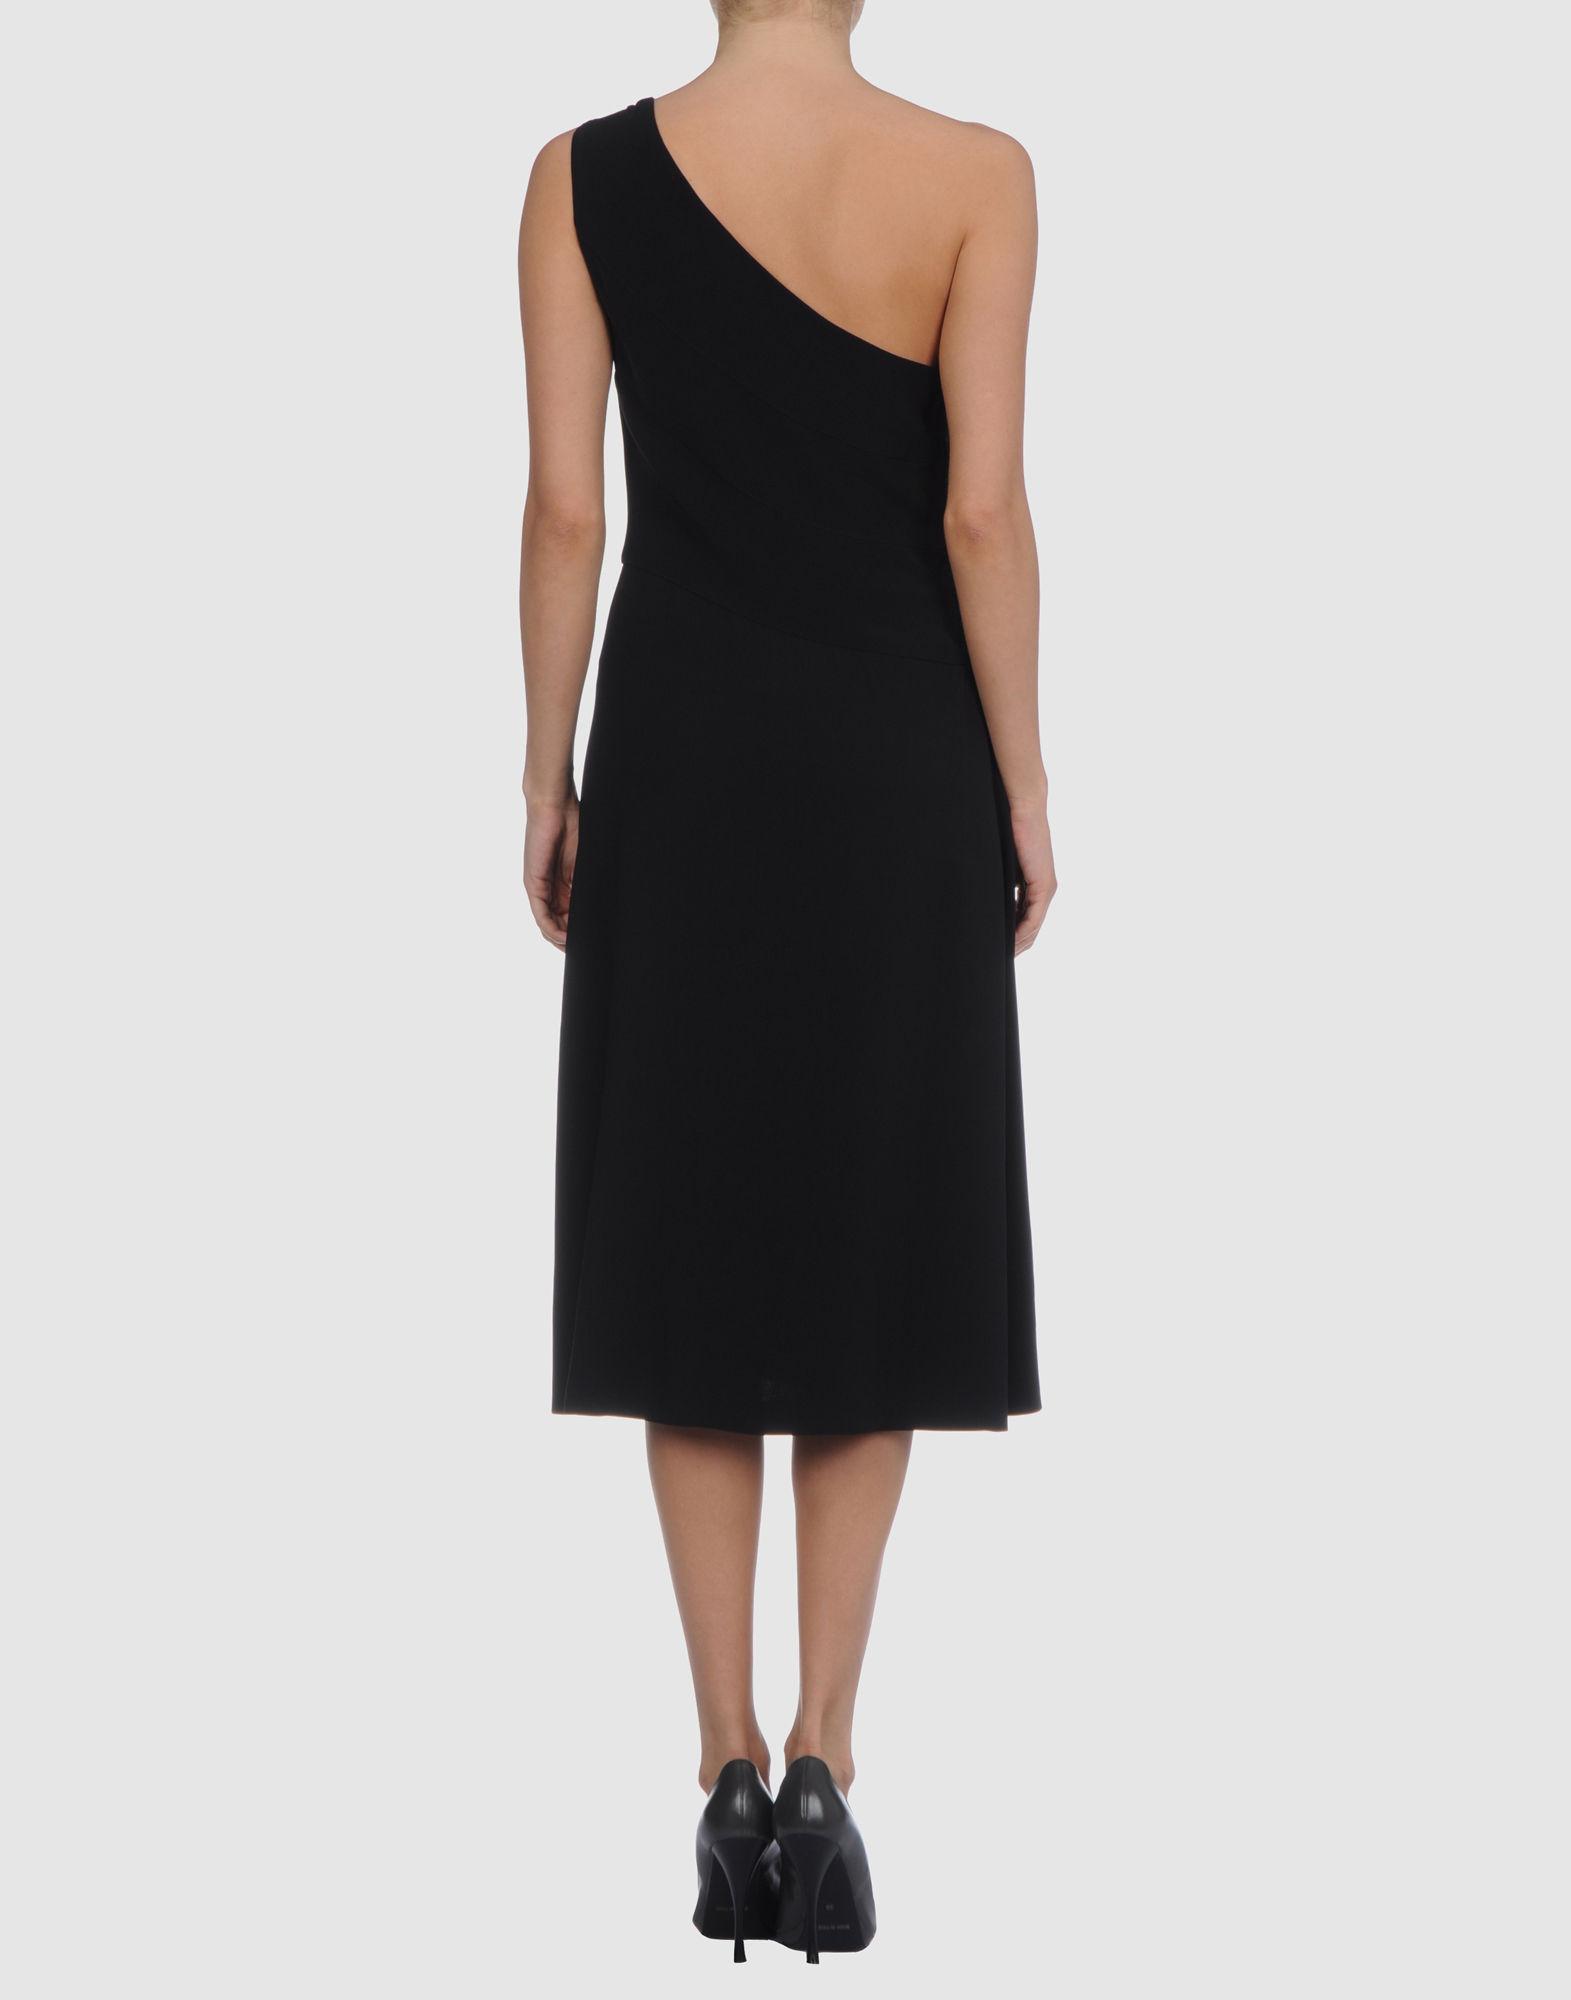 Βραδυνα Φορεματα Max Mara 2012 Κωδ.22  29aef9f90b4